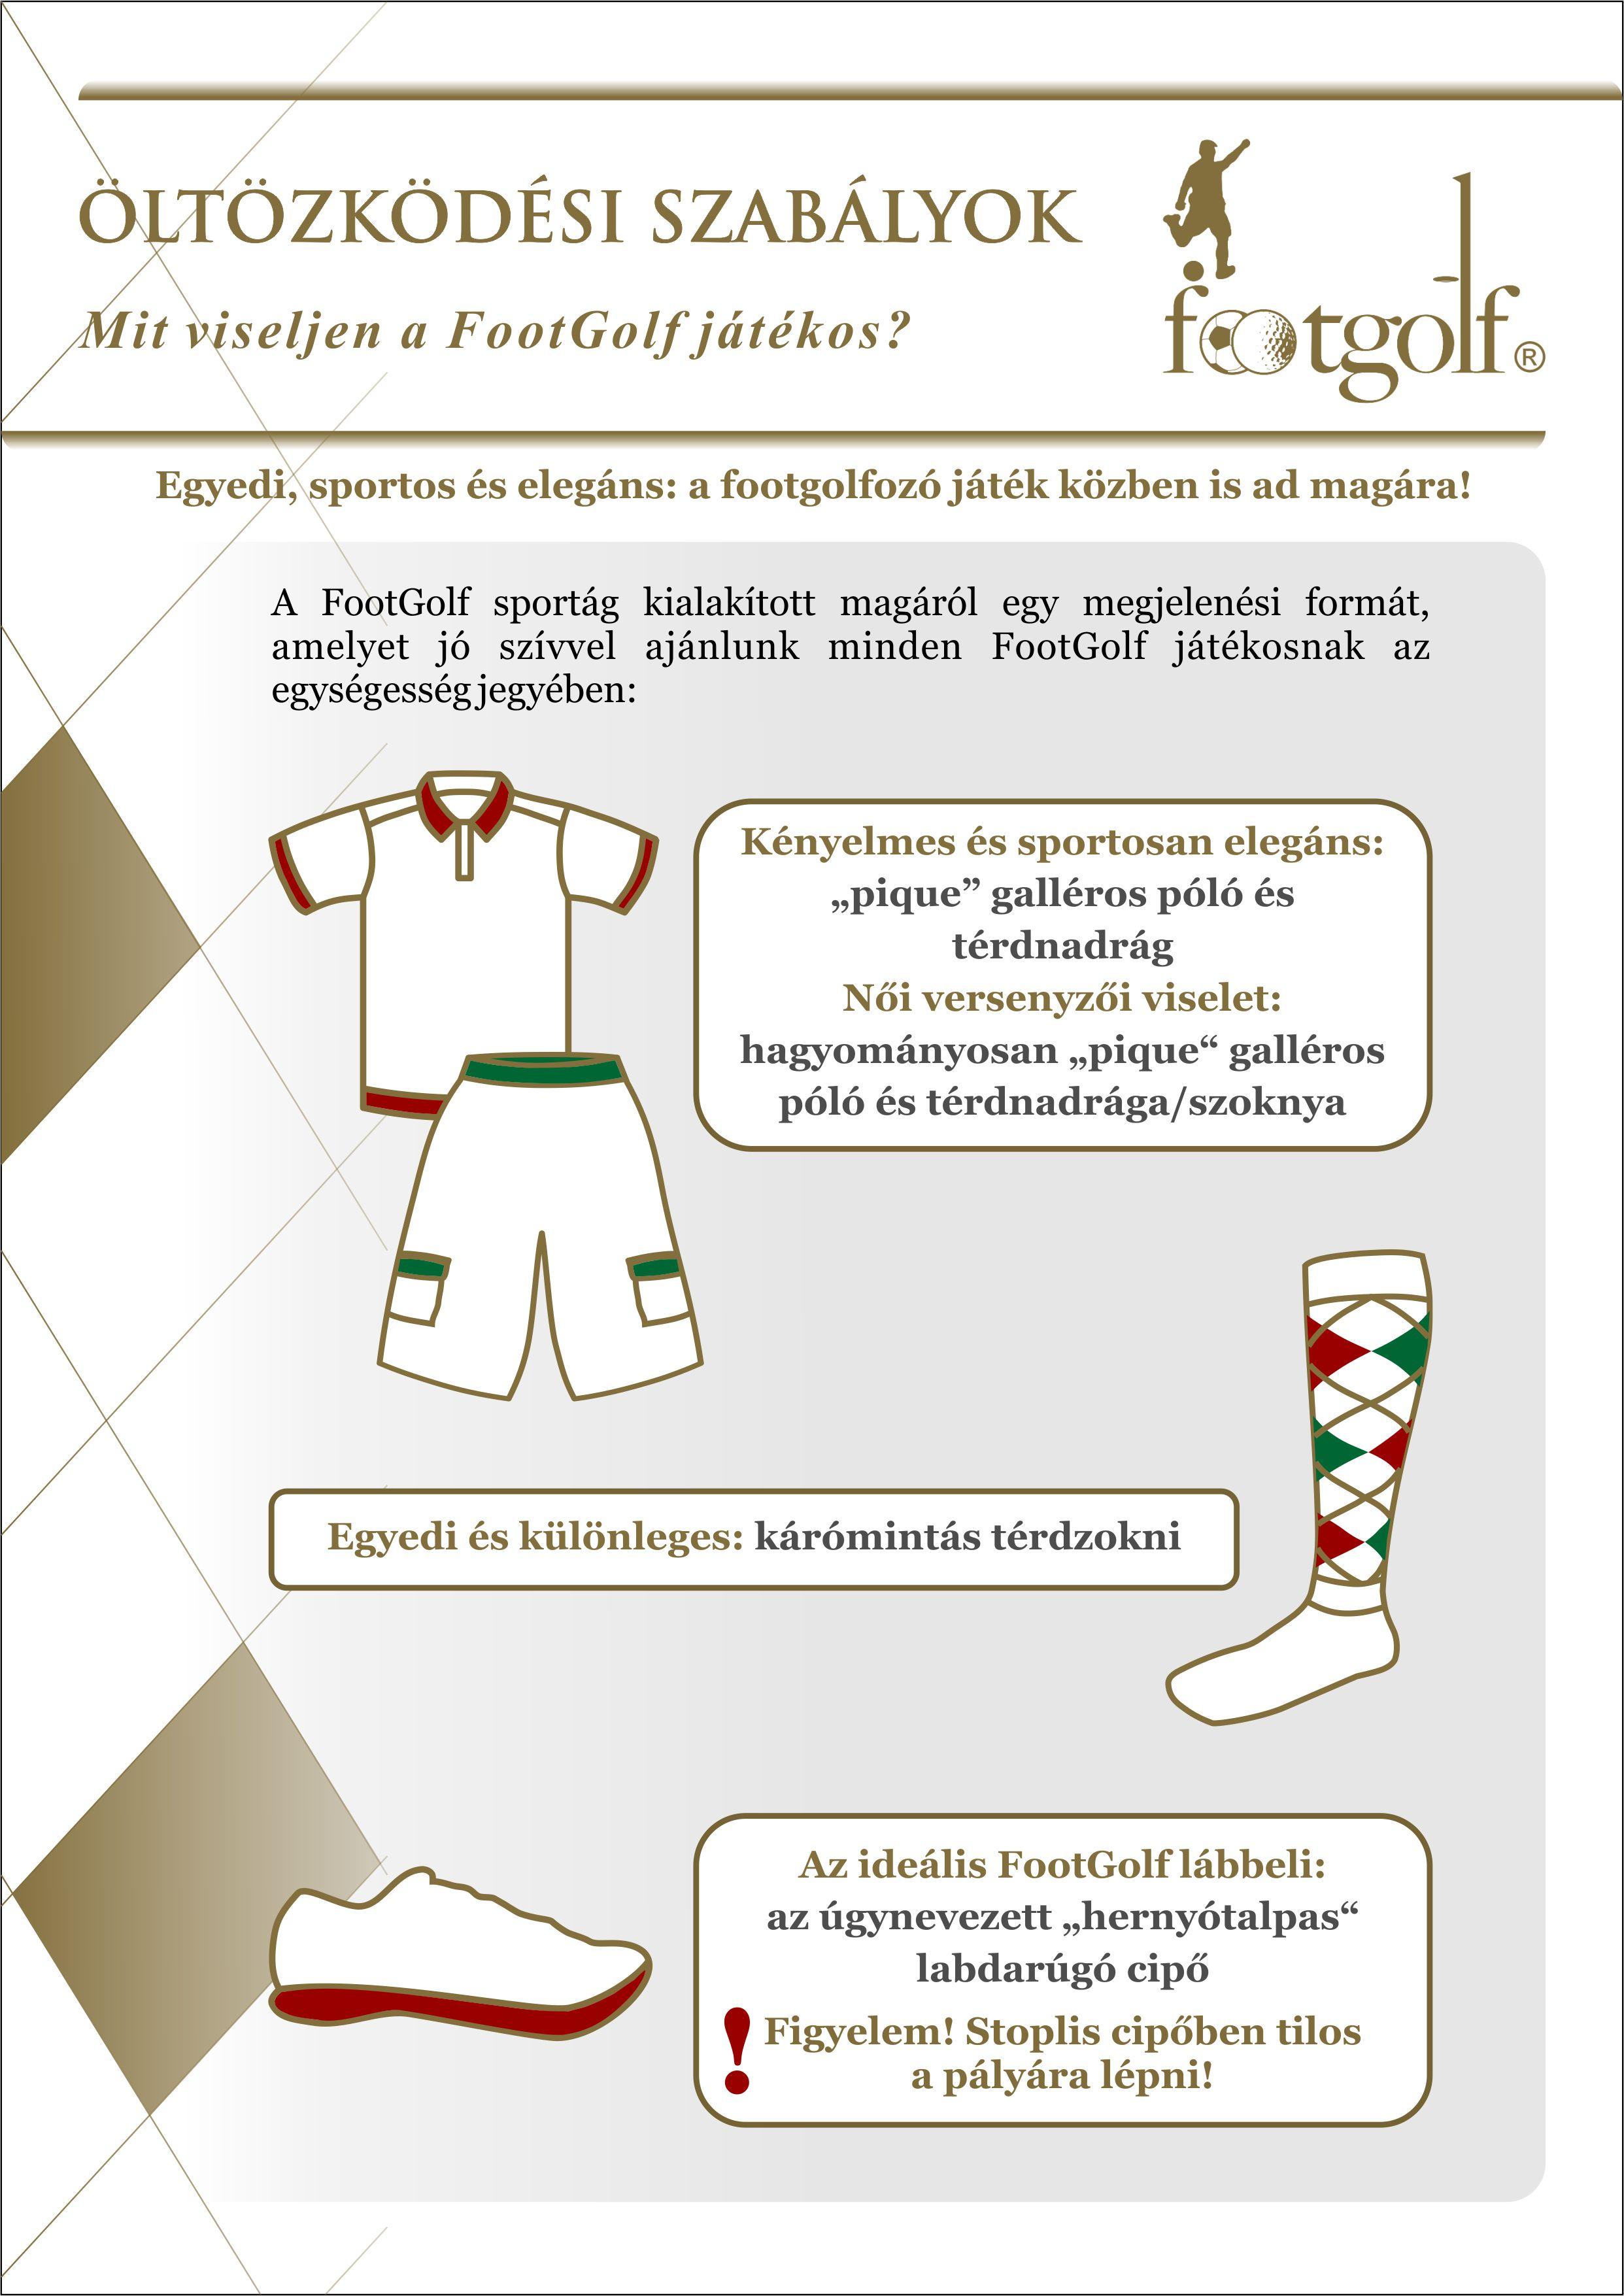 öltözet fg 2